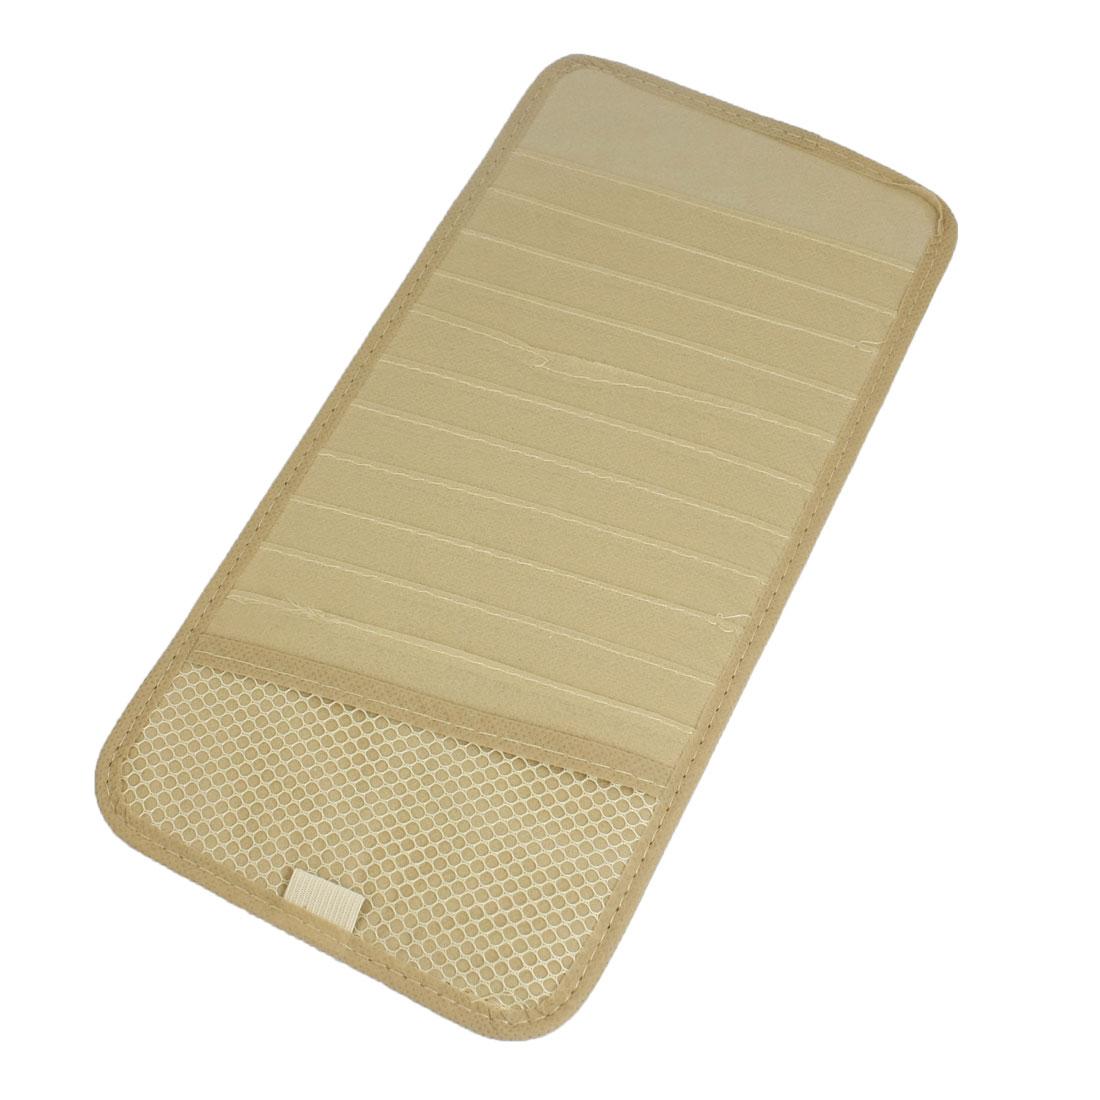 Khaki Non-woven Fabric Disk Card Case Car DVD CD Visor